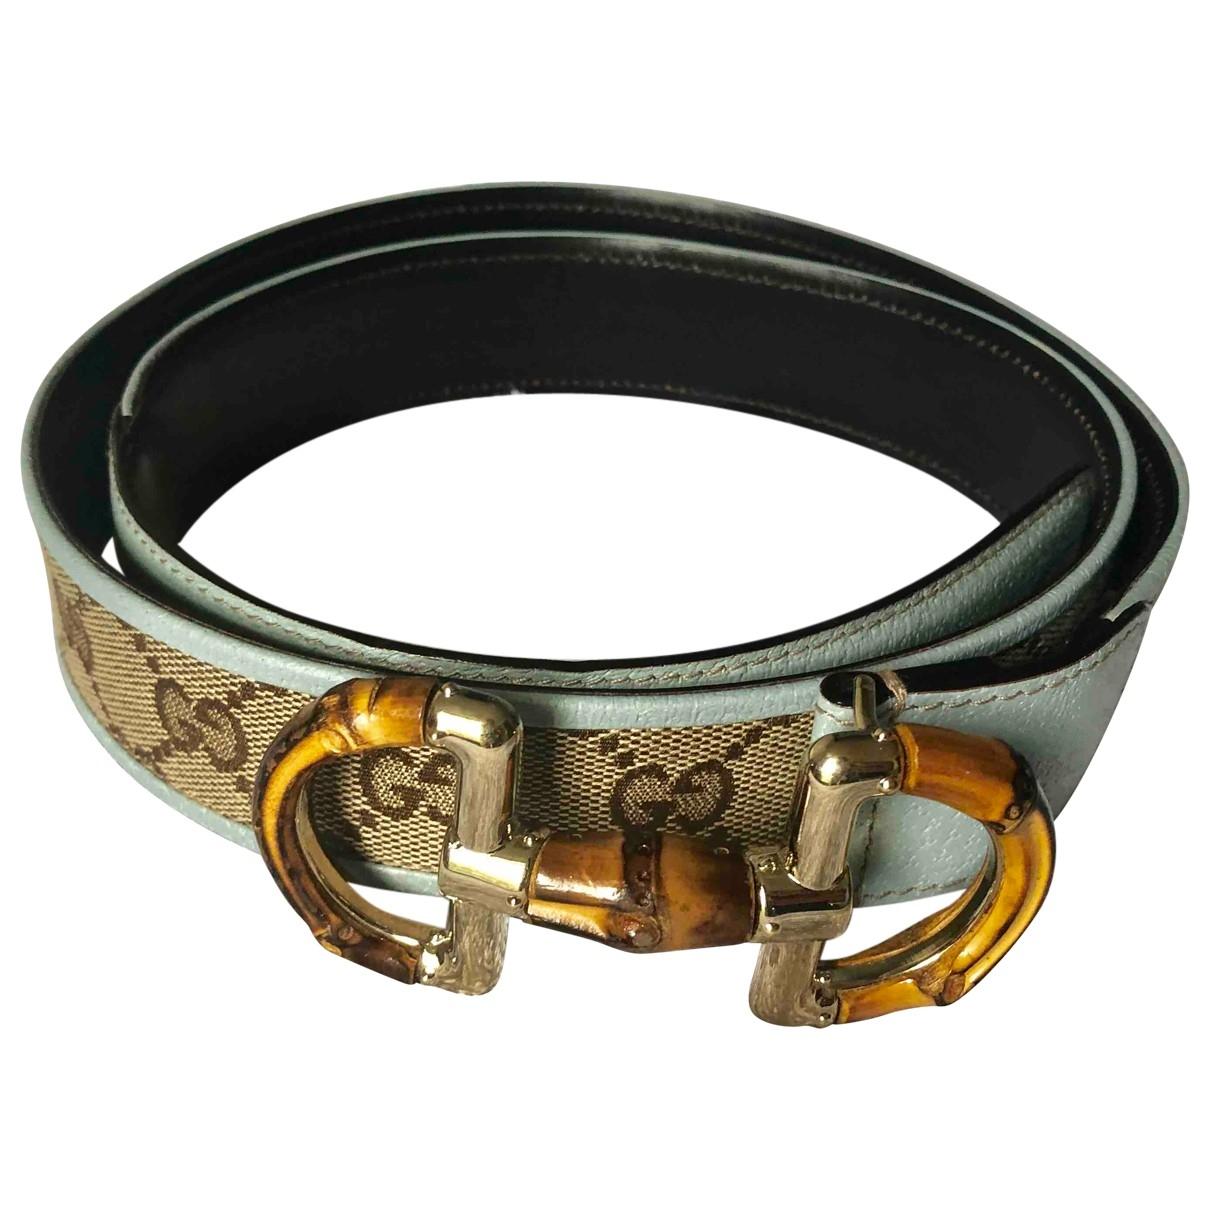 Cinturon de Lona Gucci